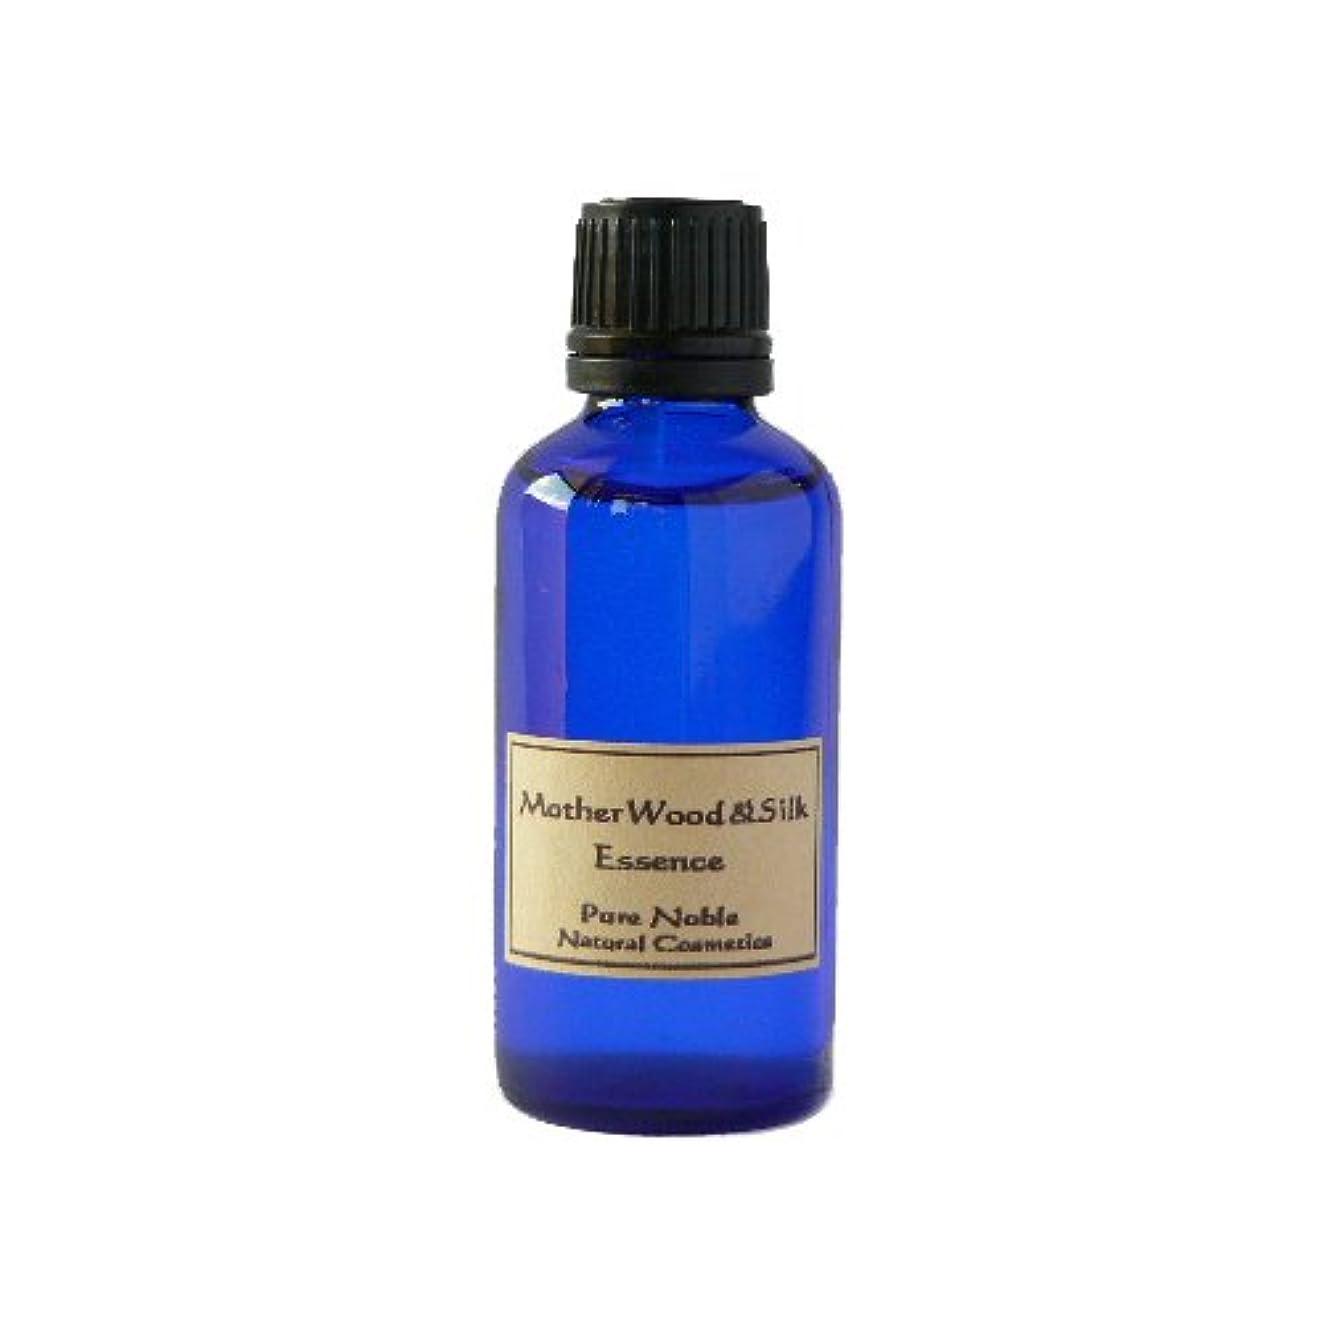 インテリア賛美歌みなさん植物性コラーゲンたっぷり!白樺樹液と有機ハーブの無添加美容液 マザーウッド&シルクエッセンス 50ml